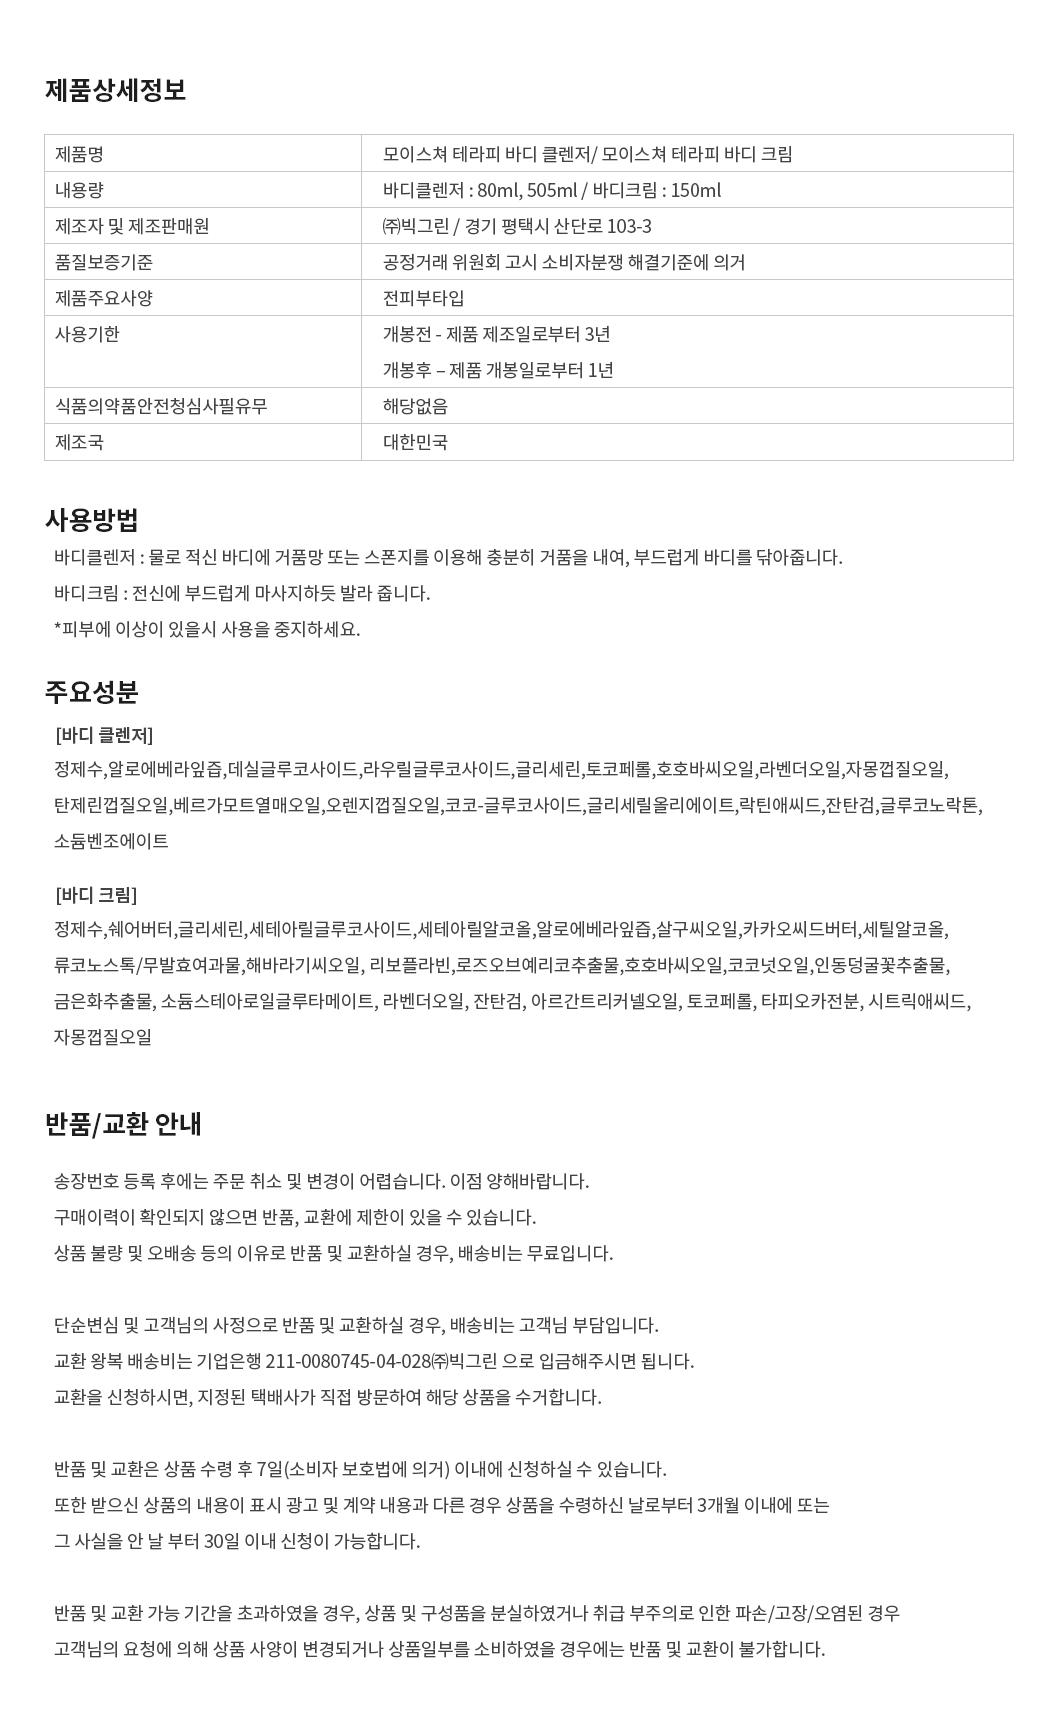 테라피-상품정보.jpg